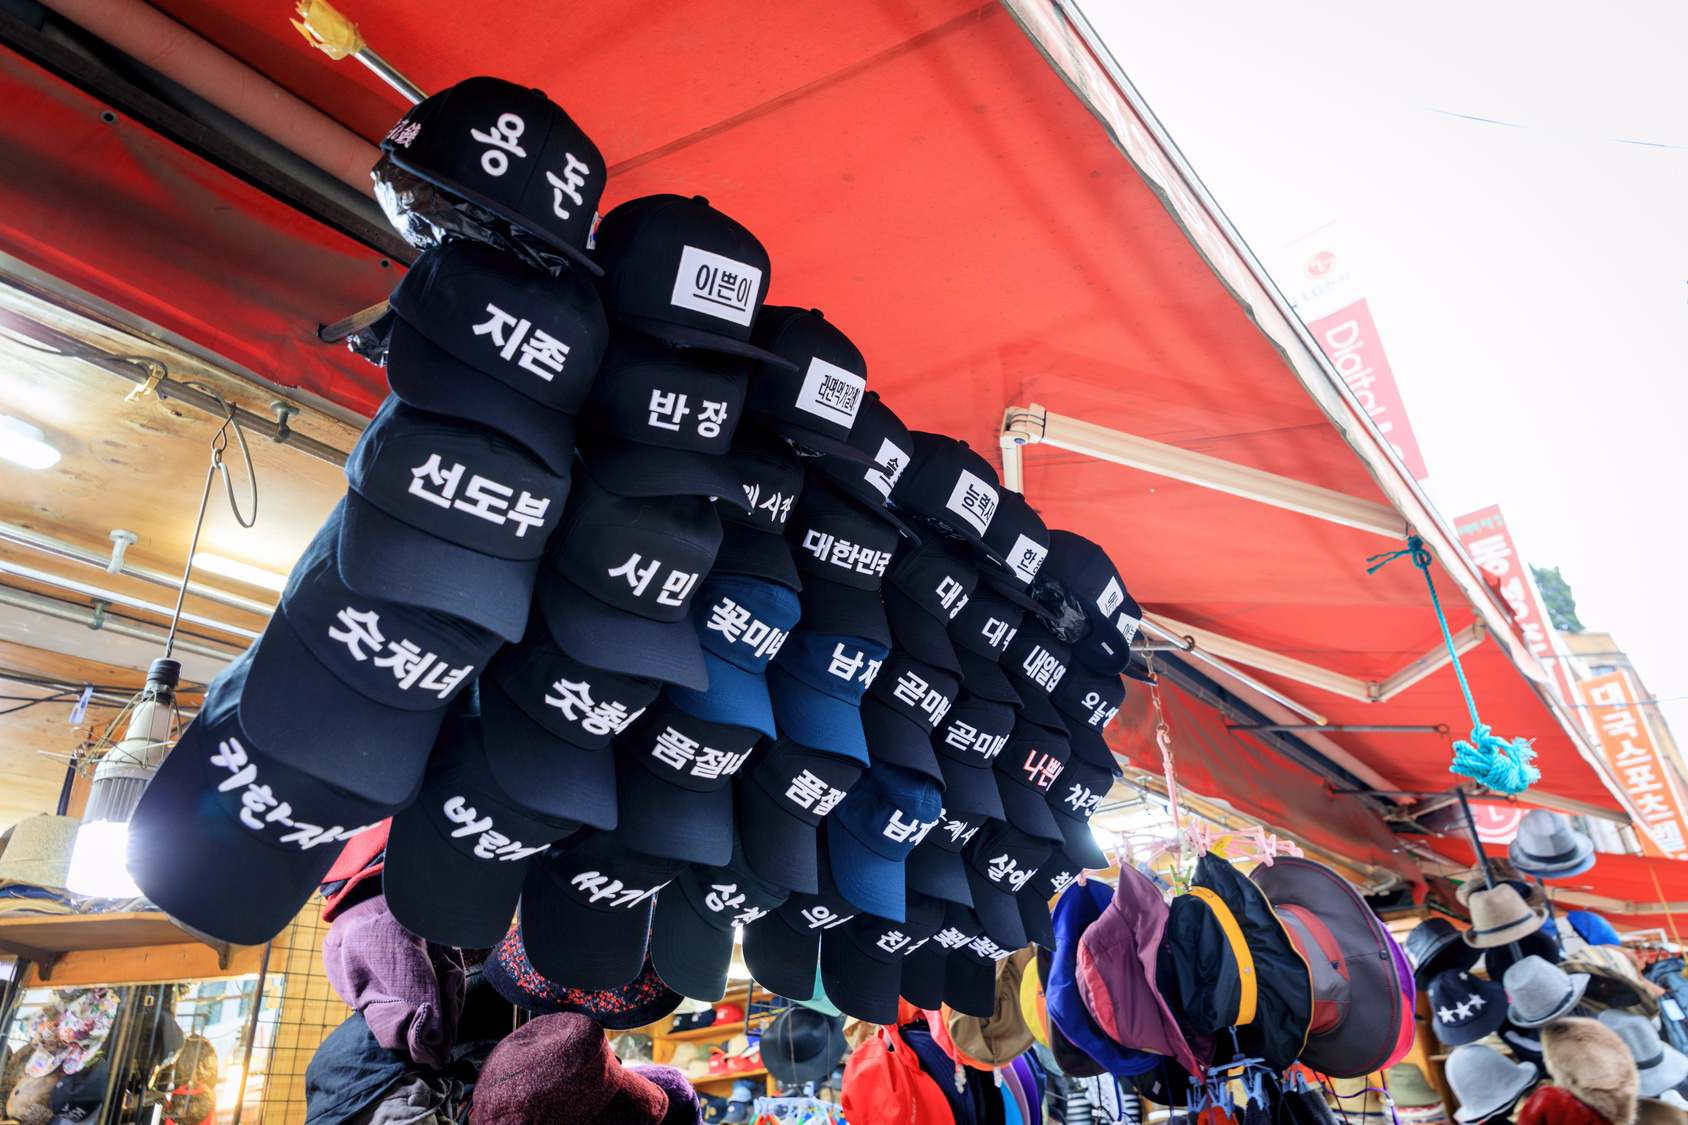 第四站:南浦洞 남포역  南浦洞之於釜山,就如同明洞之於首爾。以光復路為主軸,鄰近一帶充斥著各式各樣的流行購物商品,無論是在地韓國人或是外地觀光客,若是想要替自己治裝點的什麼,第一個想到的絕對就是它了。